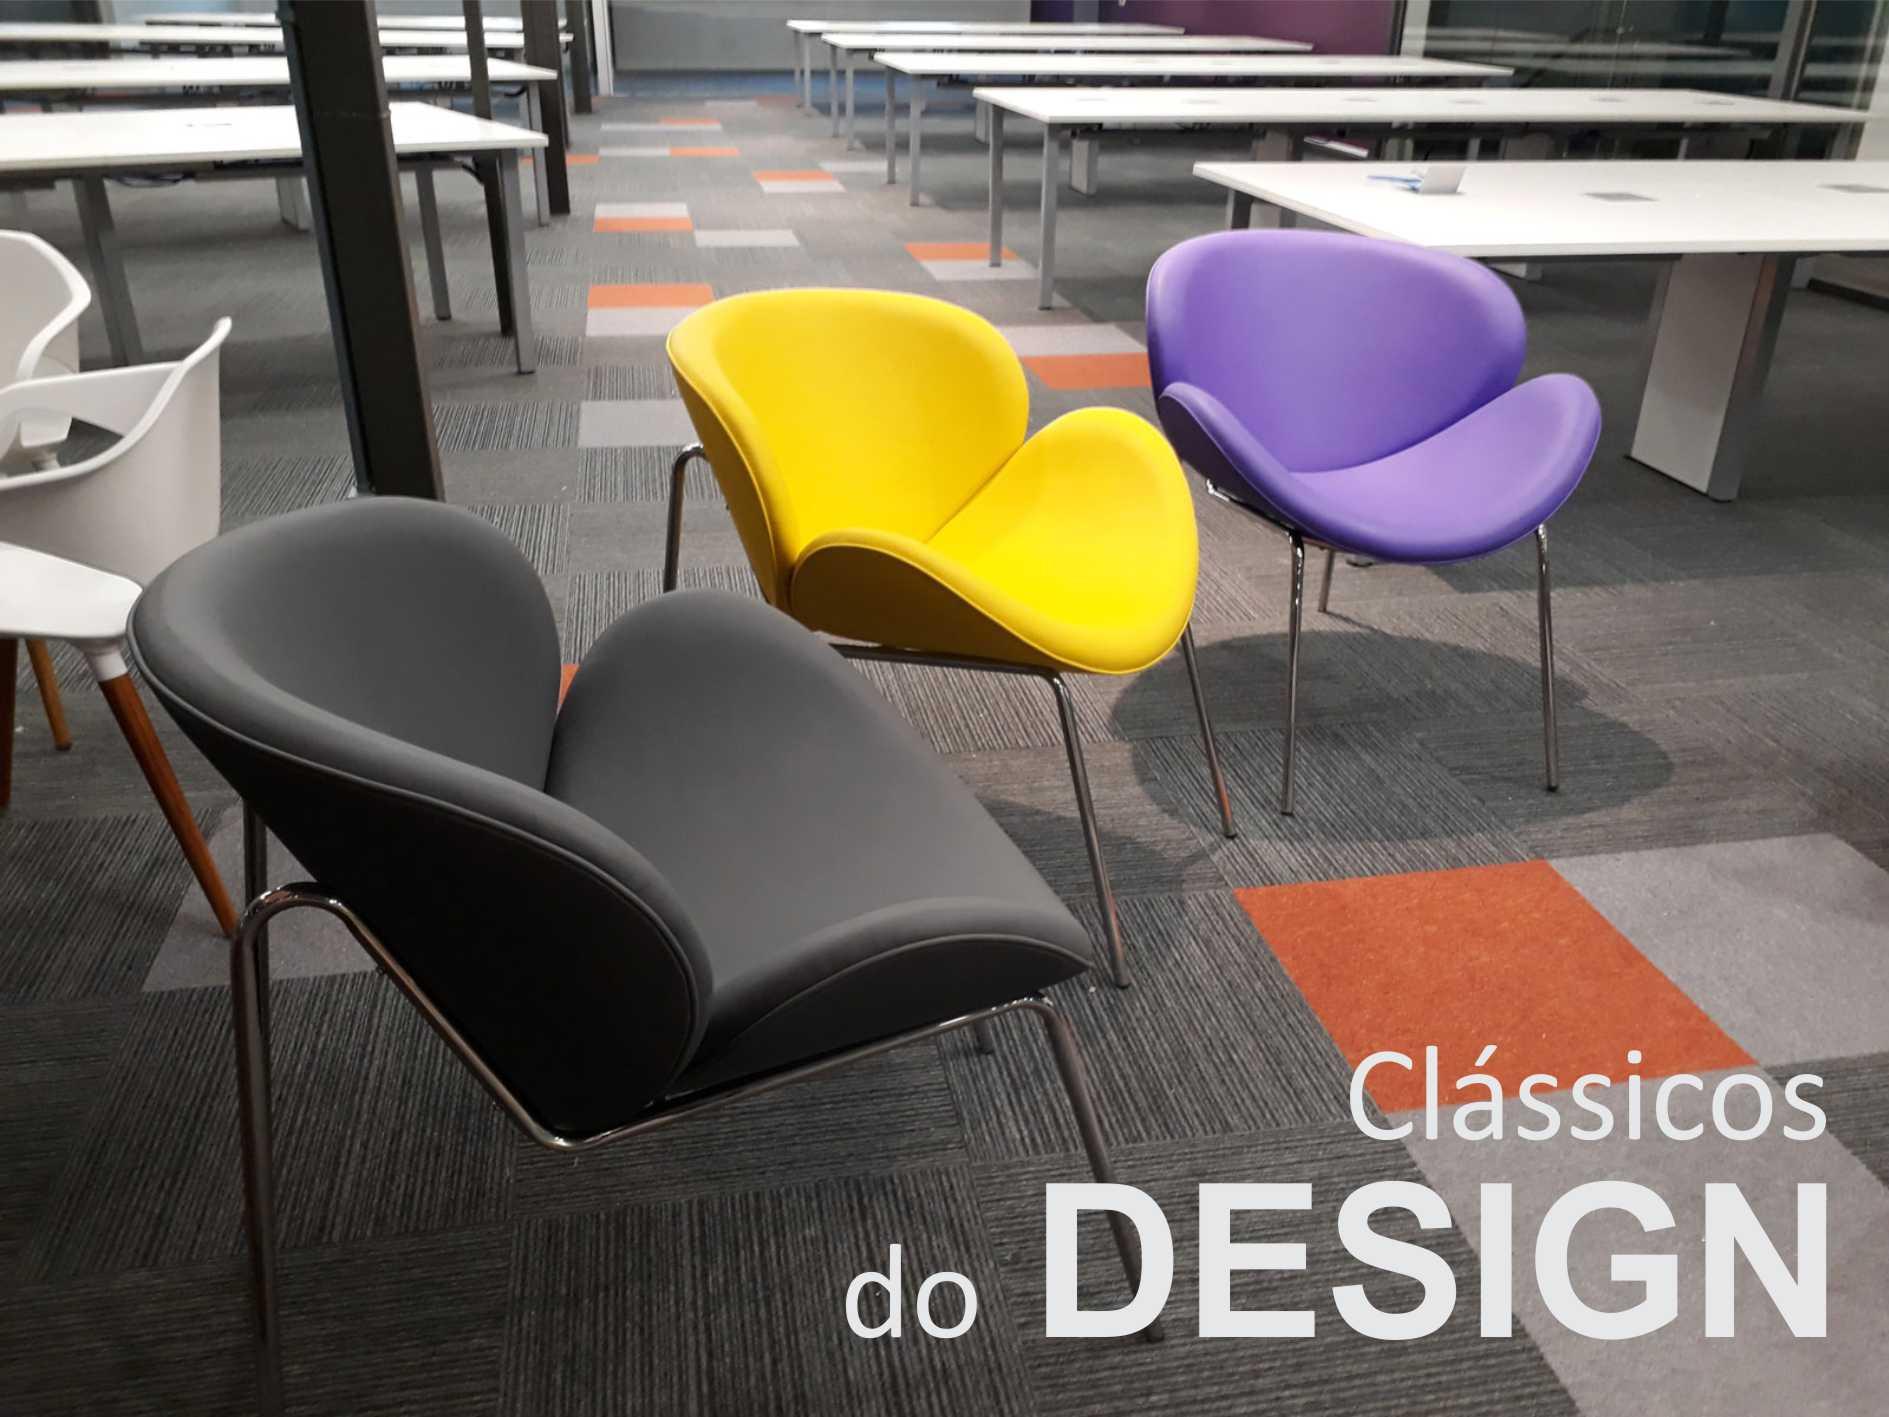 CLASSICOS_DESIGN